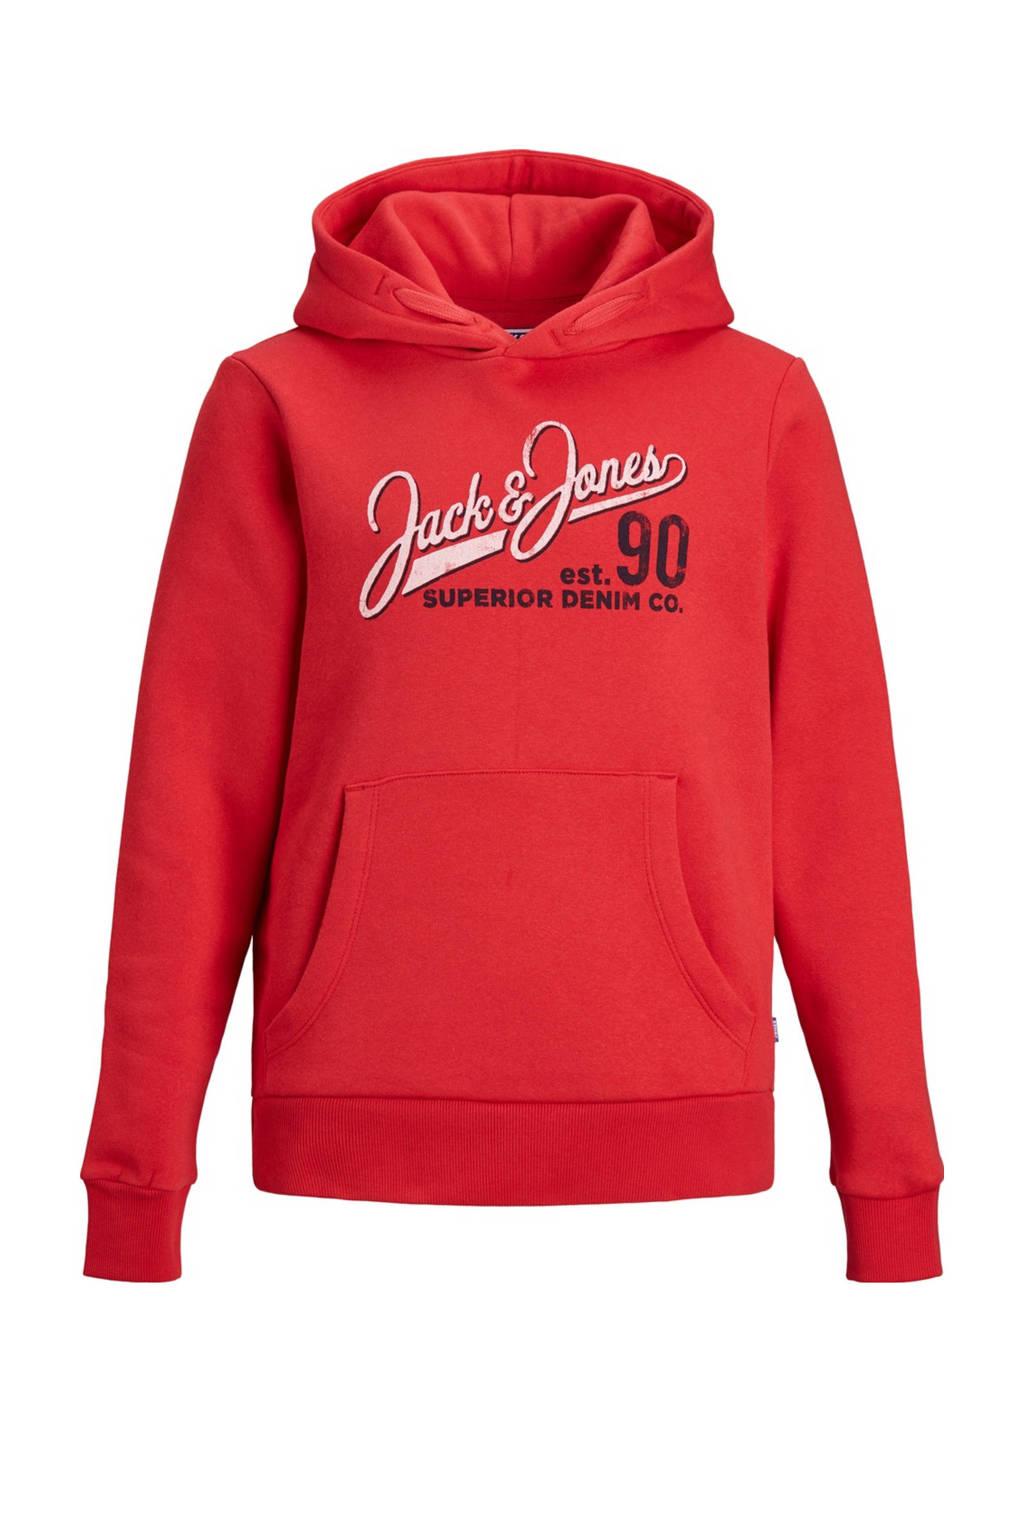 JACK & JONES JUNIOR hoodie JJELOGO met logo rood/wit, Rood/wit